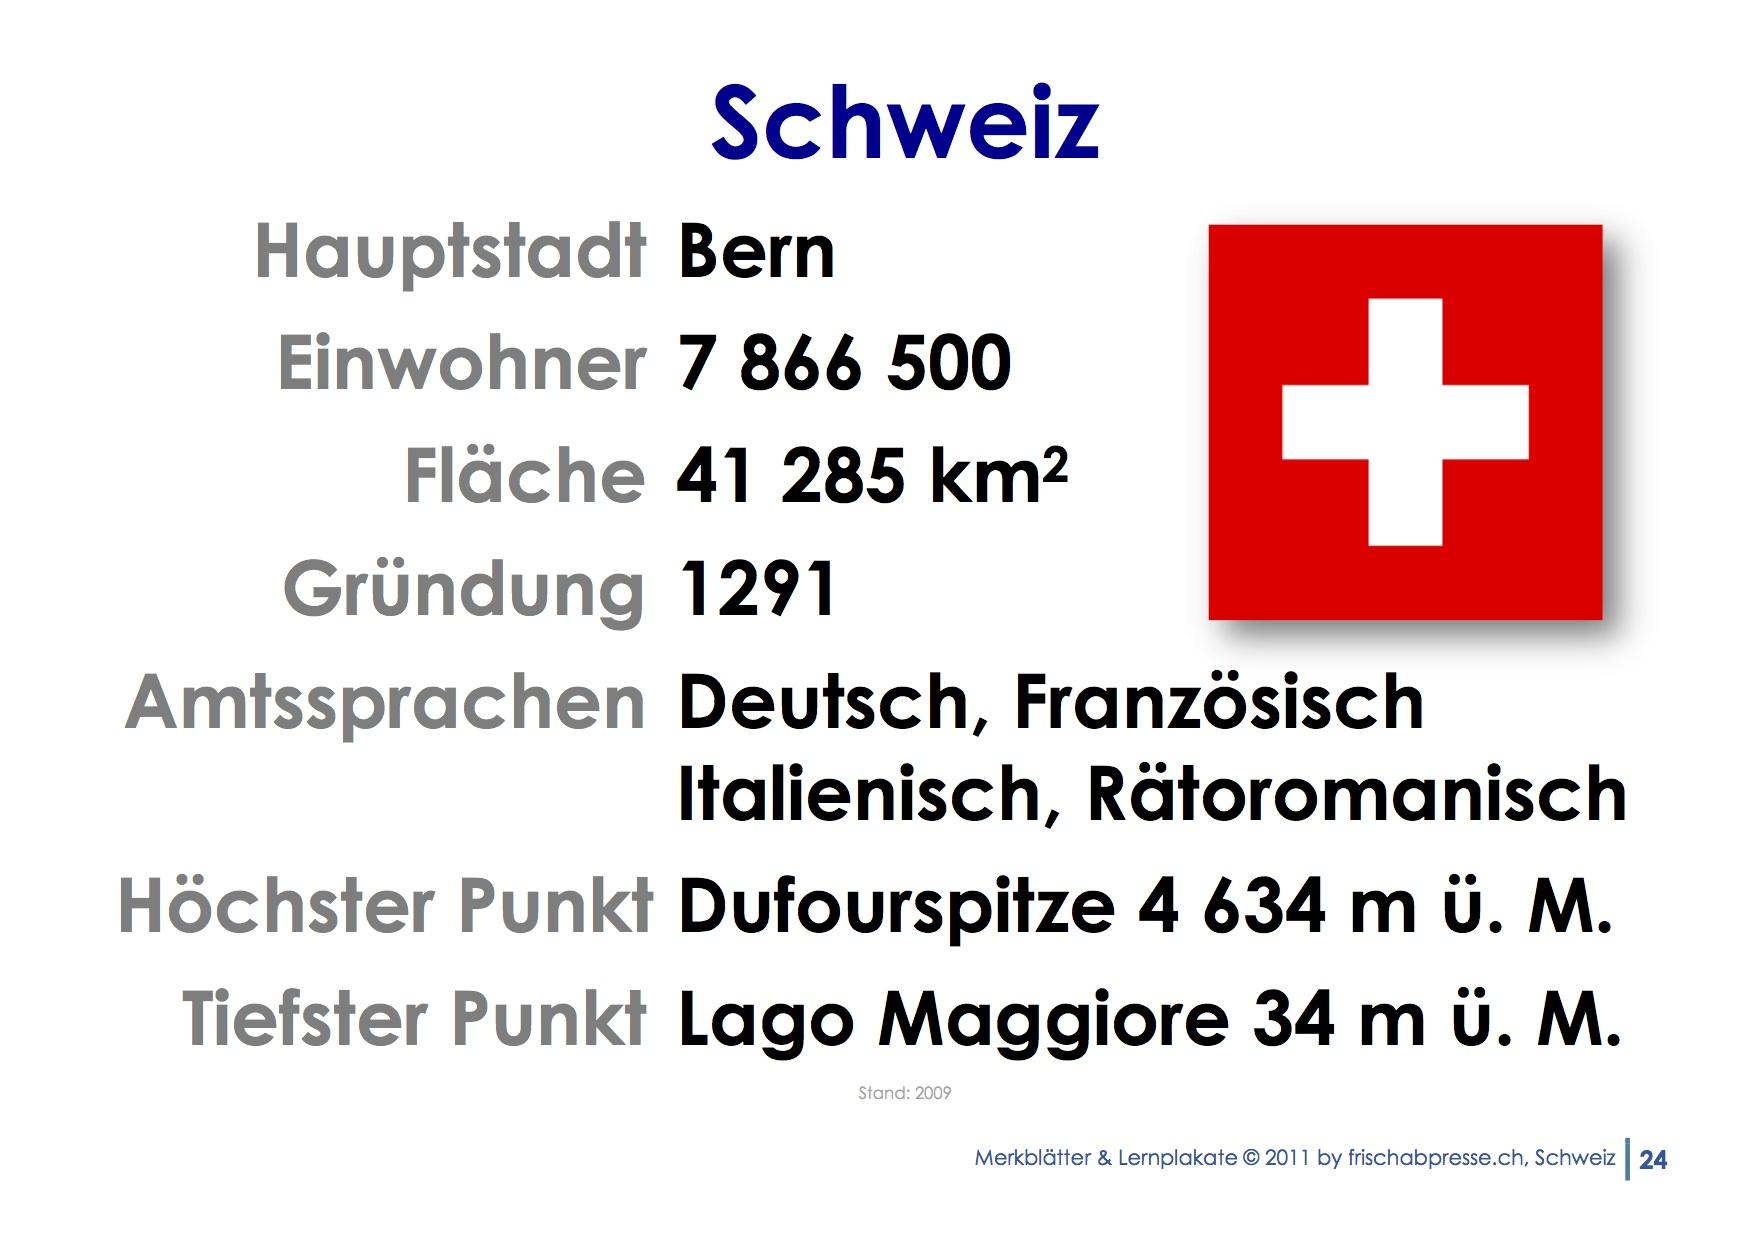 merkplakat schweiz